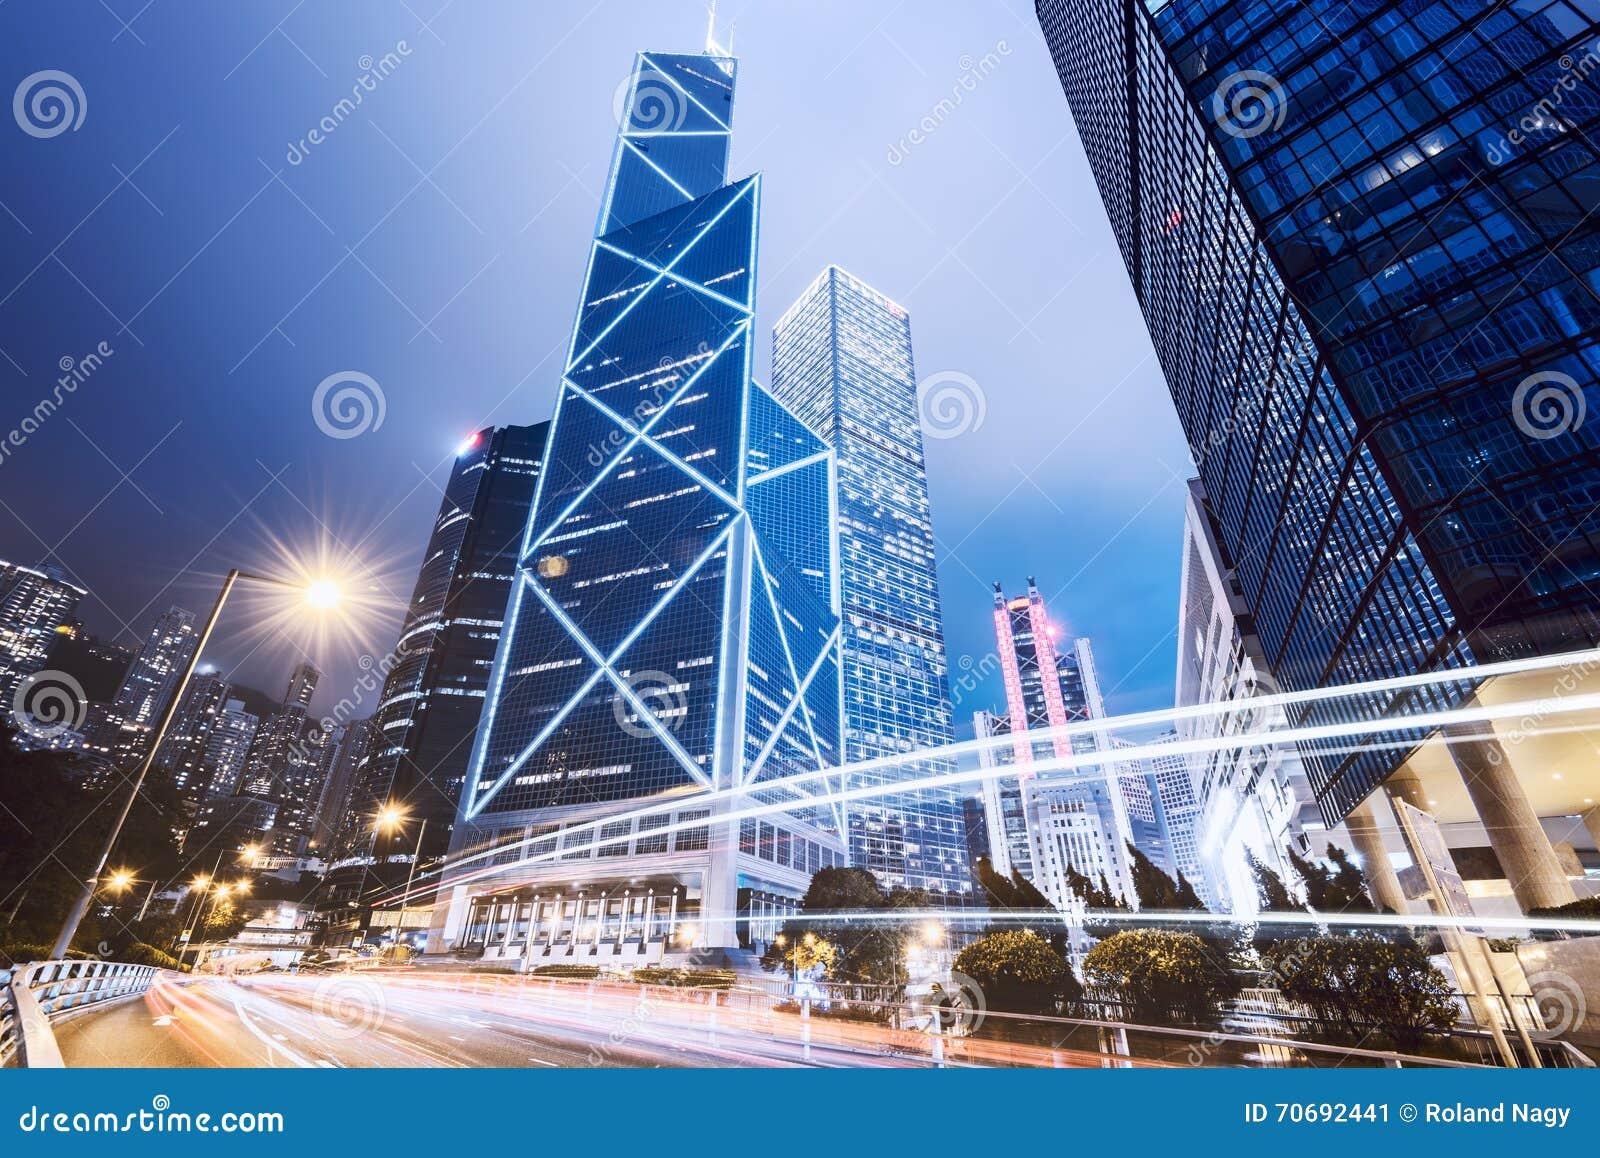 Cbd Hong Kong